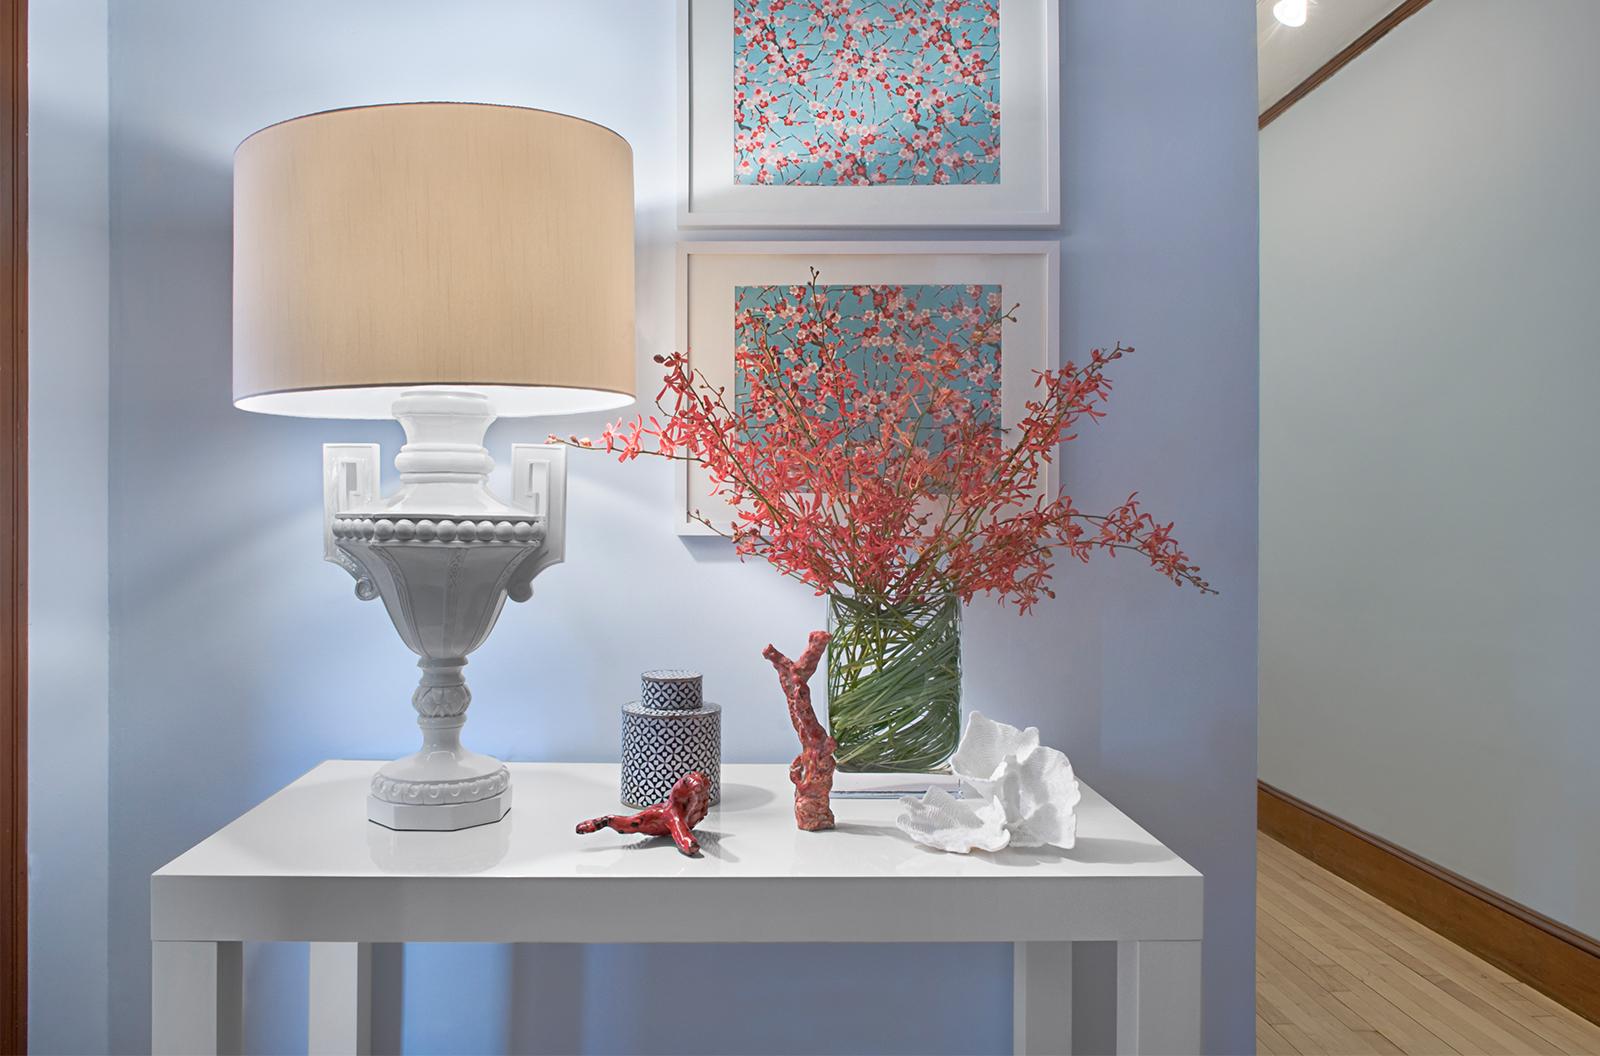 Mandarina Studio Boston interior design contemporary bold color 5.jpg